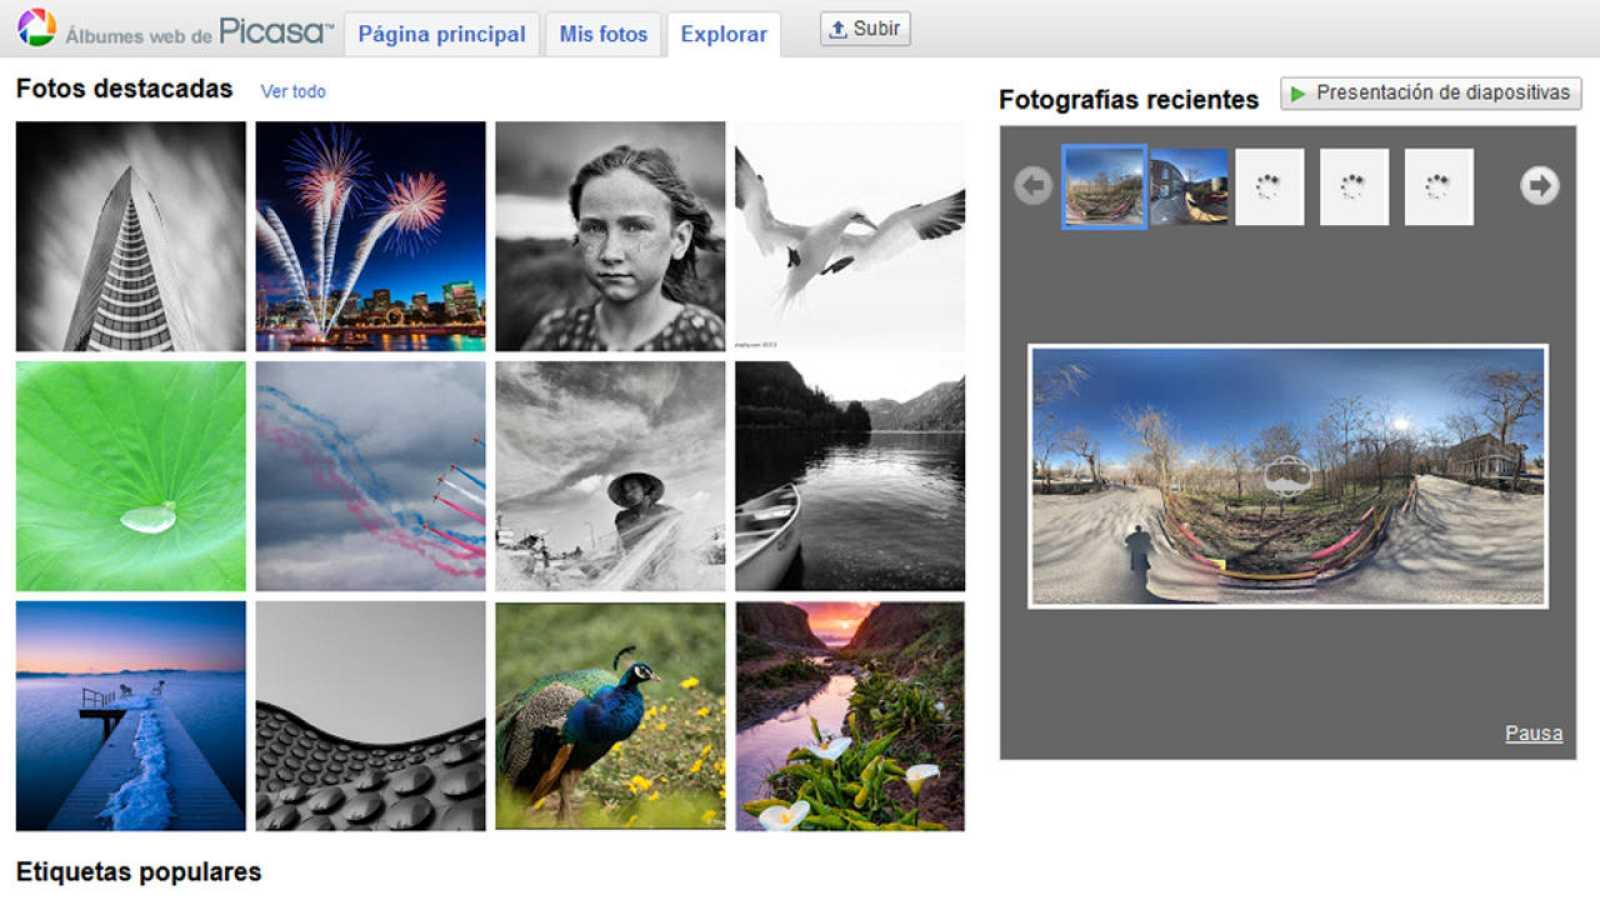 Picasa es una herramienta para organizar, visualizar, editar y compartir fotografías.